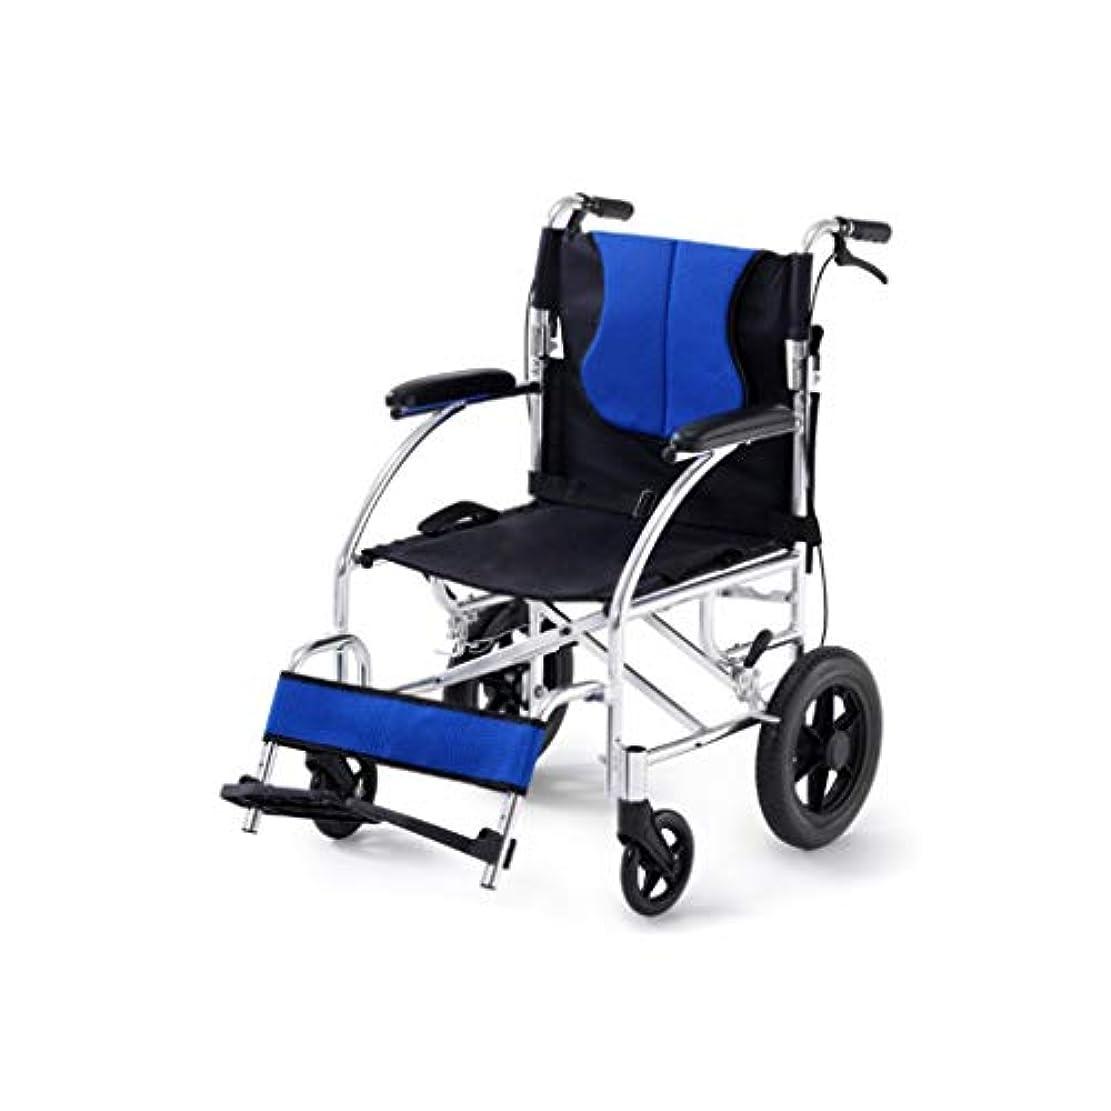 ビスケット大破後方車椅子の手動折りたたみ、ポータブル車椅子、超軽量高齢者向け旅行スクーター (Color : Blue)